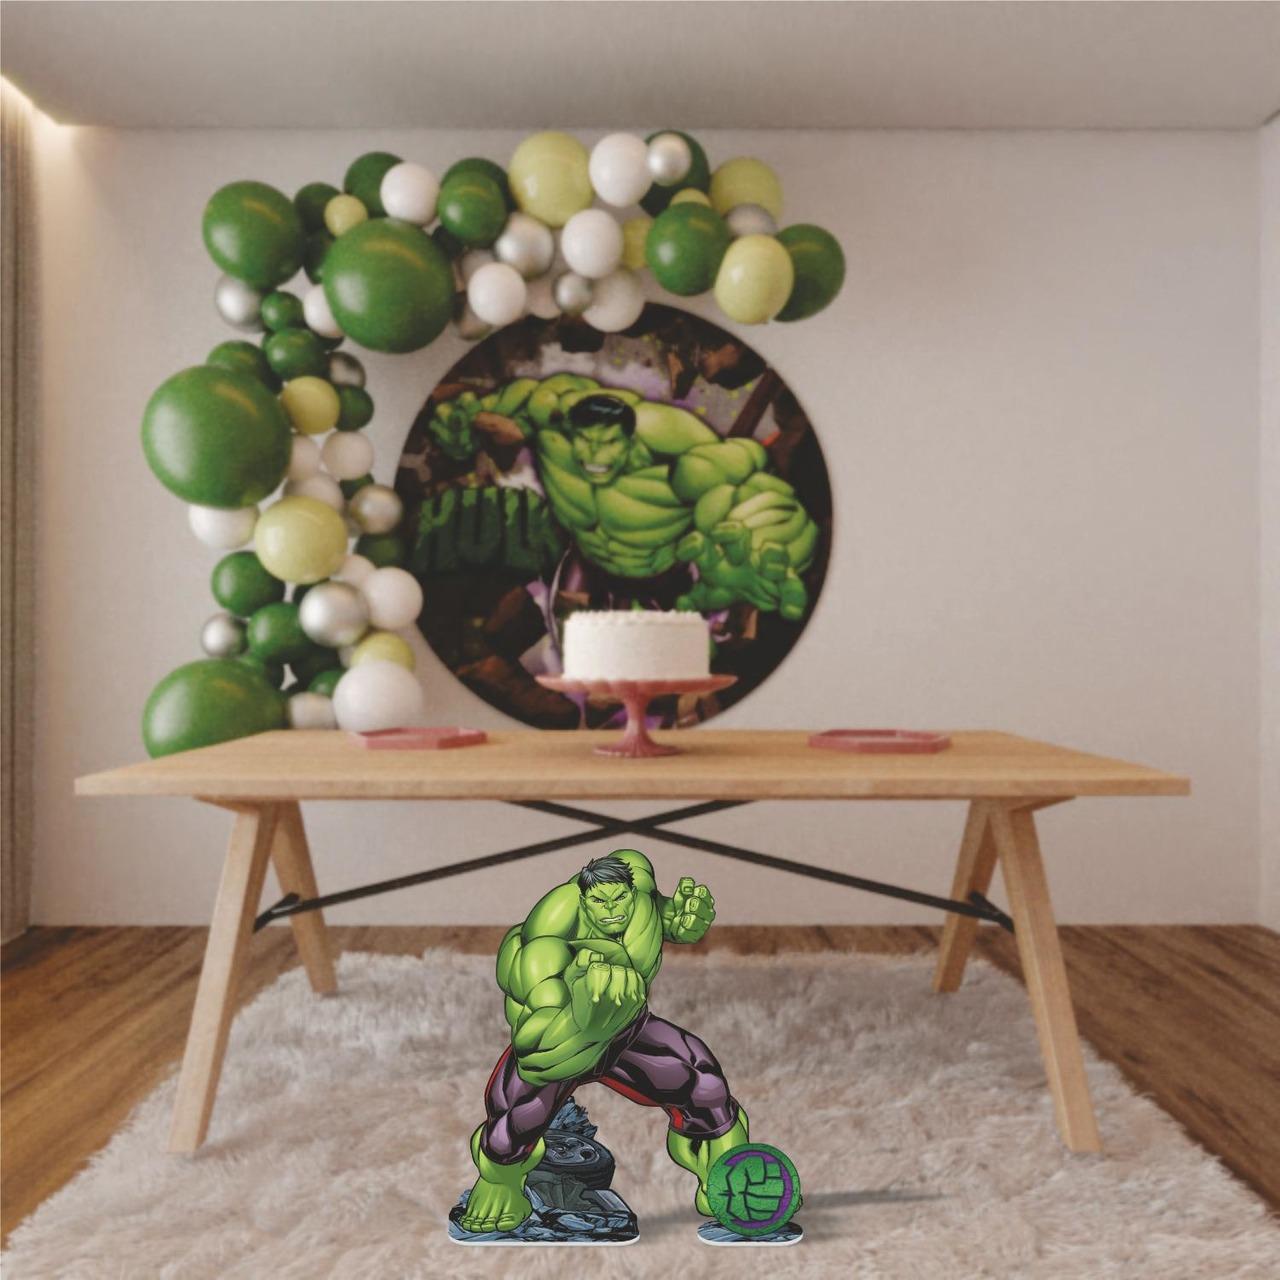 Enfeite Decorativo De Mesa ou chão-VINGADORES HulK